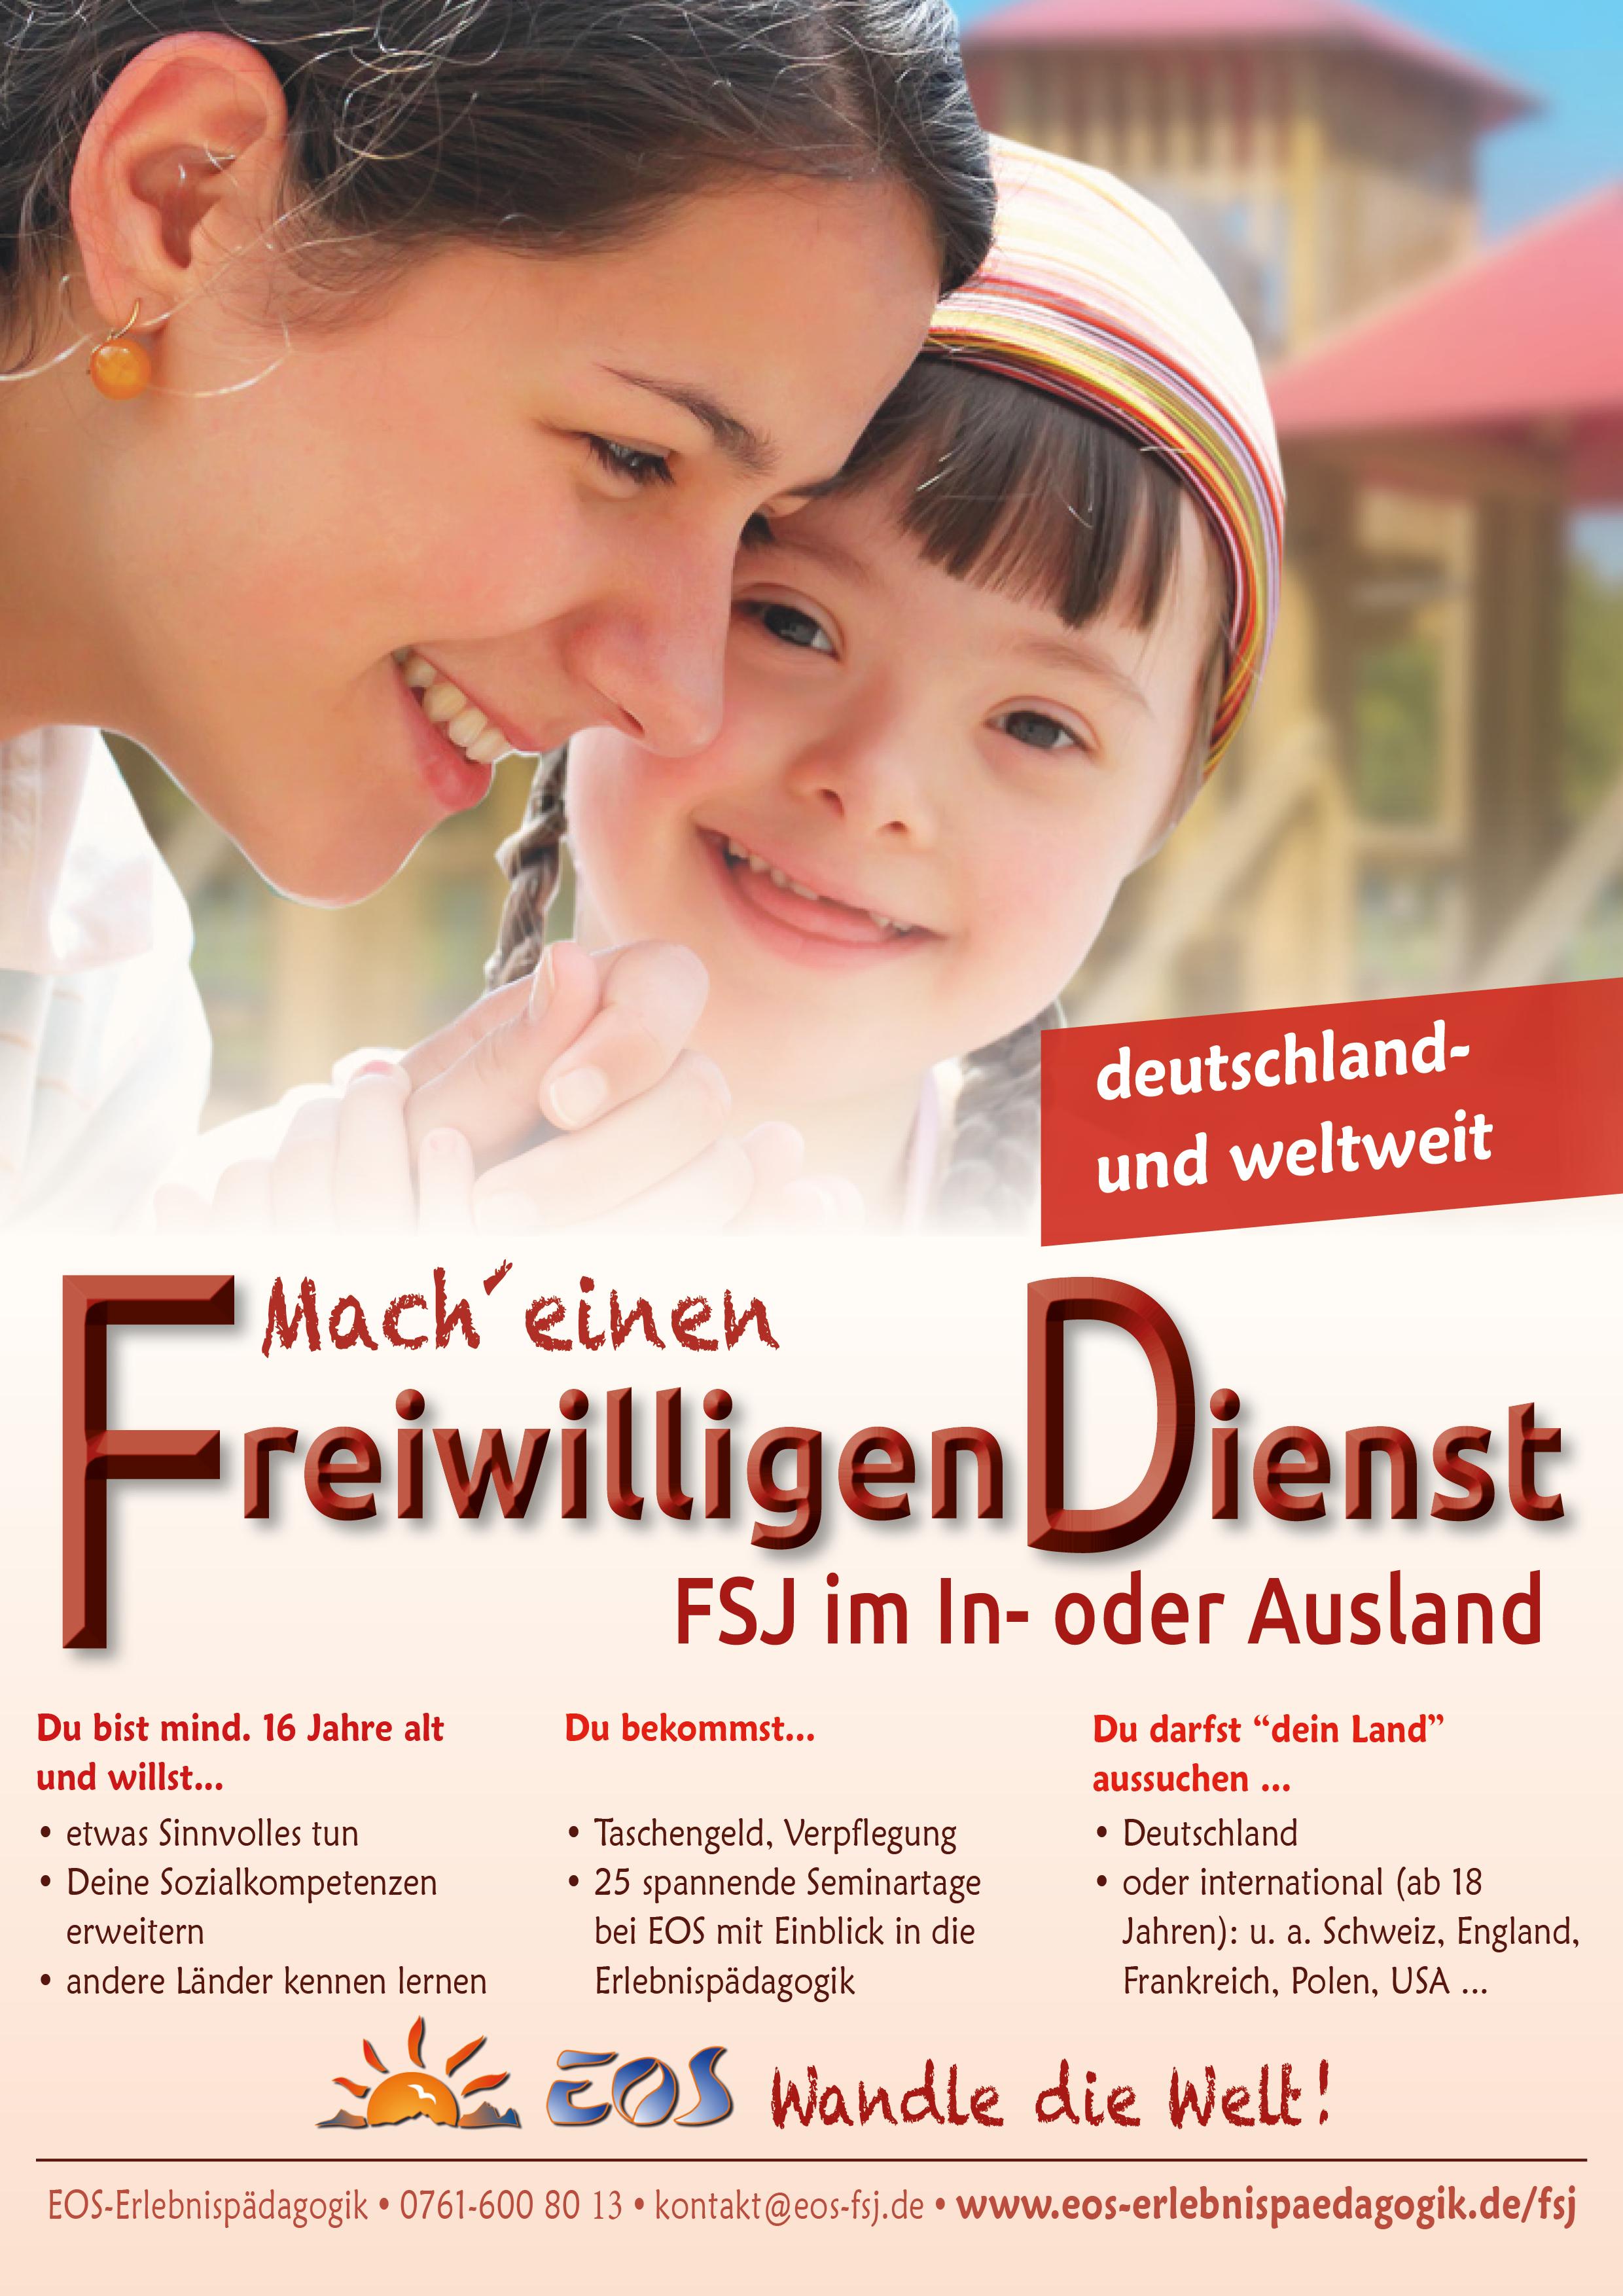 Druckdatei Sponsoring Werbeanzeige Abizeitung/Abibuch DIN A4 - EOS-Erlebnispädagogik